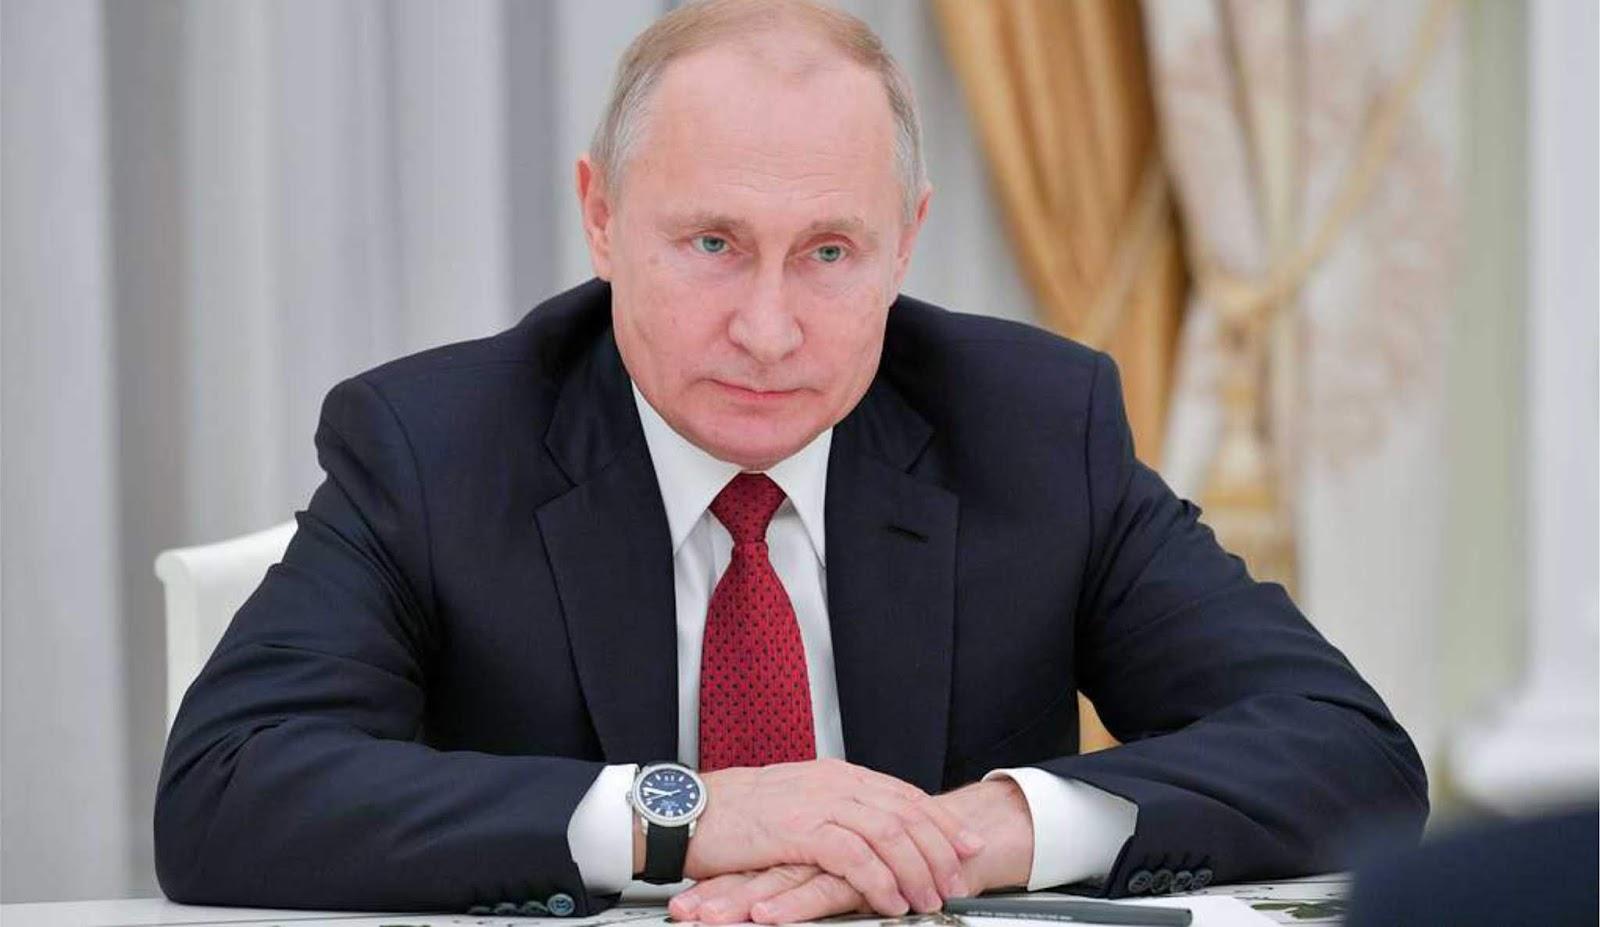 Putin Tandatangani Dekrit Rusia Resmi Menangguhkan Diri Dari Perjanjian INF